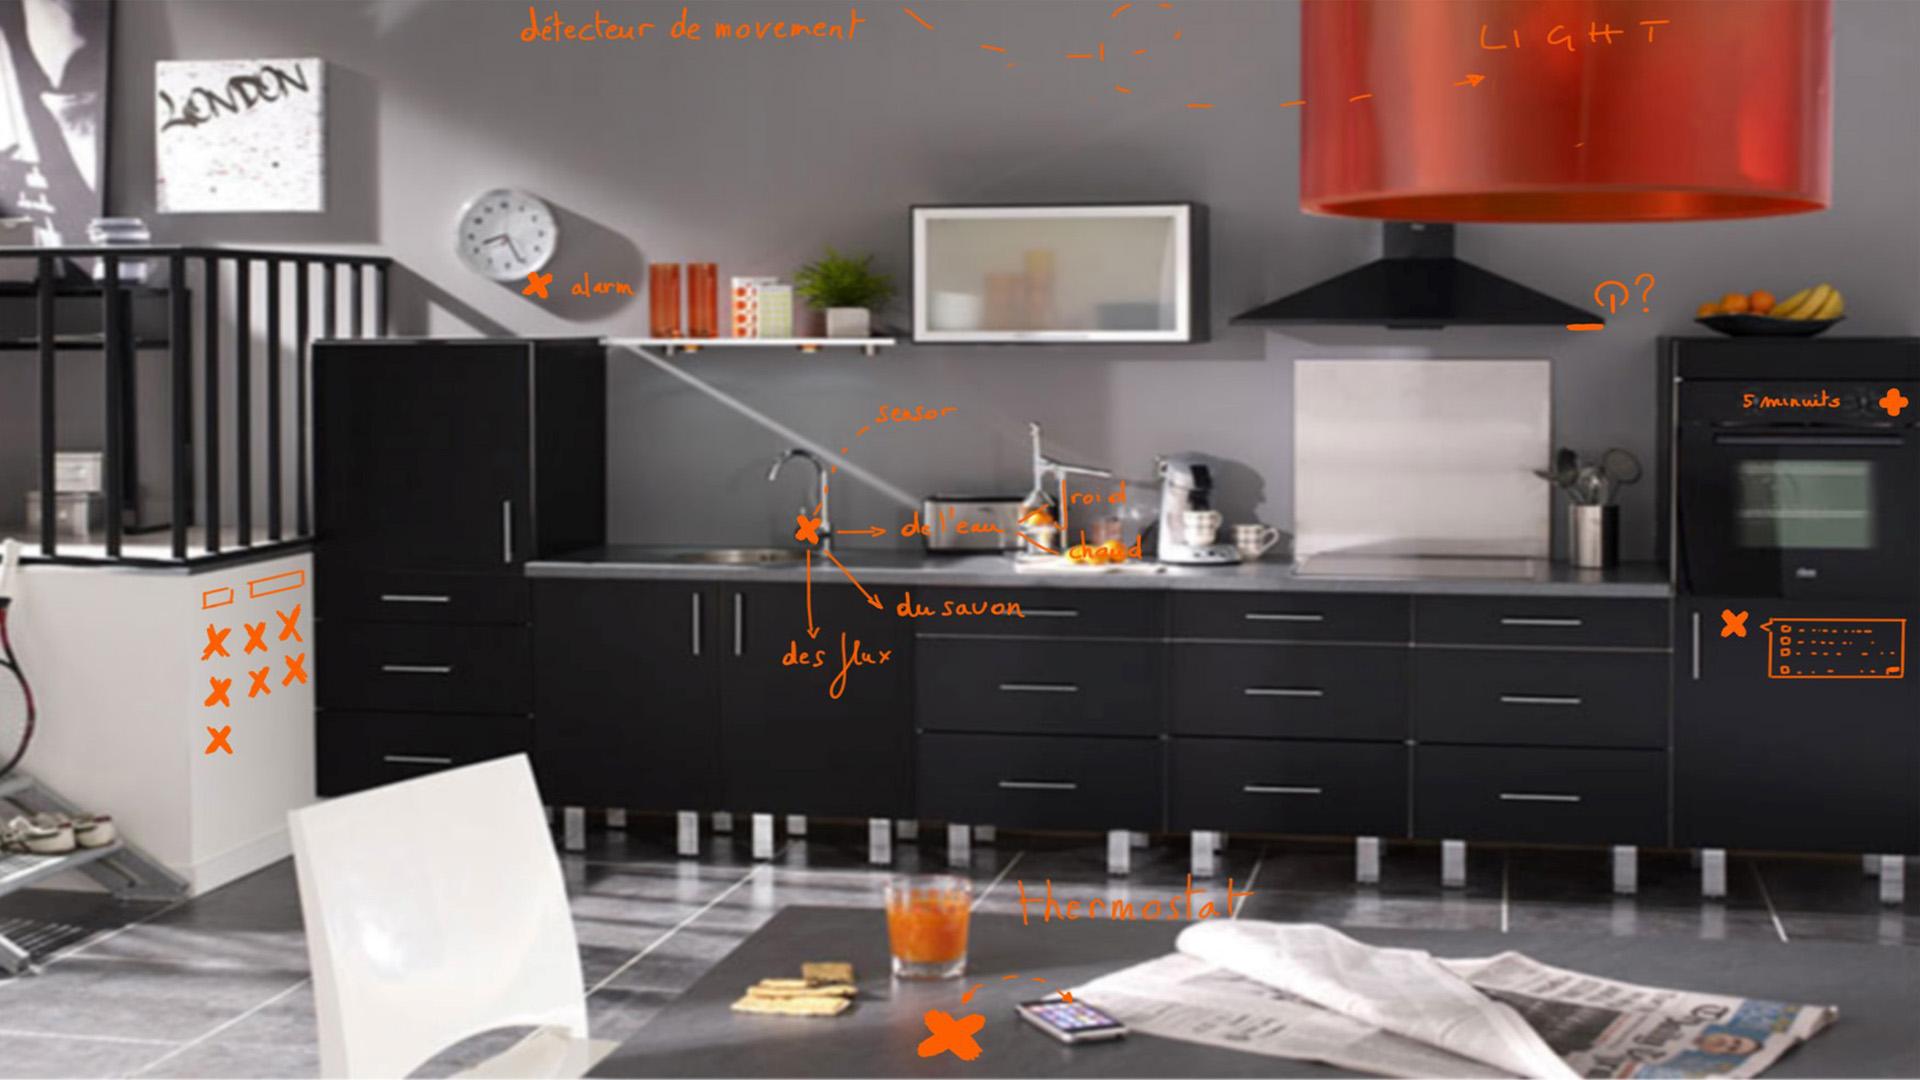 Design modules Smartuino